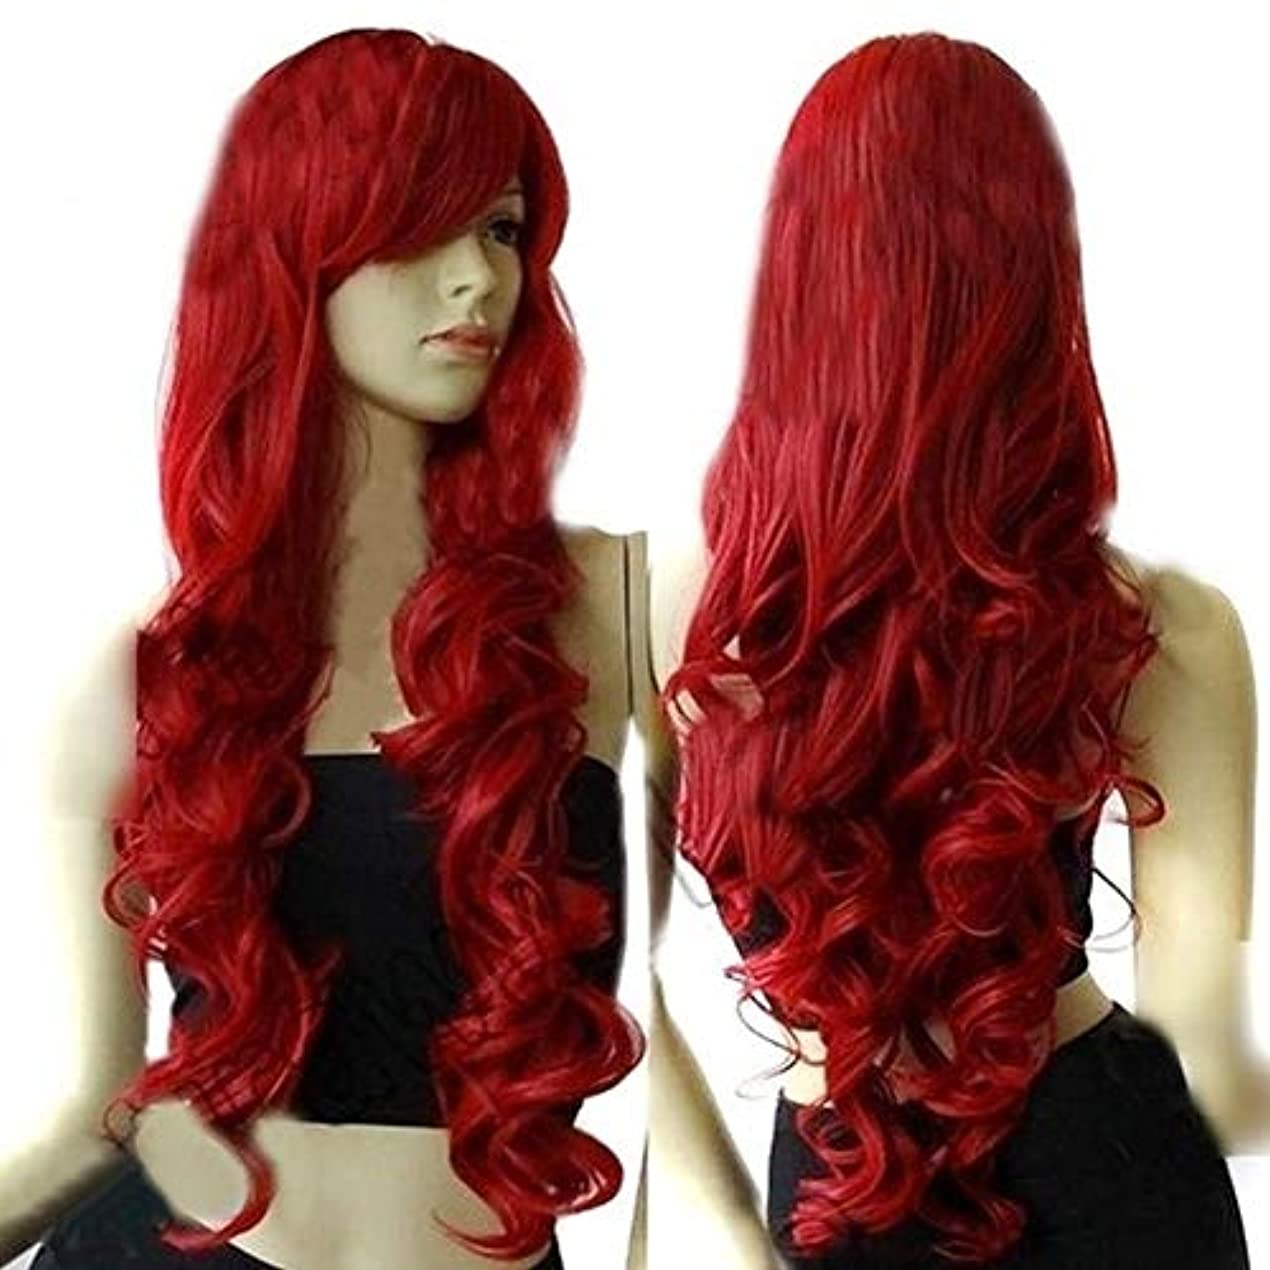 埋め込むラフト下にslQinjiansav女性ウィッグ修理ツールファッション女性ロングカーリーワイン赤ウィッグコスプレパーティーヘアピースヘアエクステンション